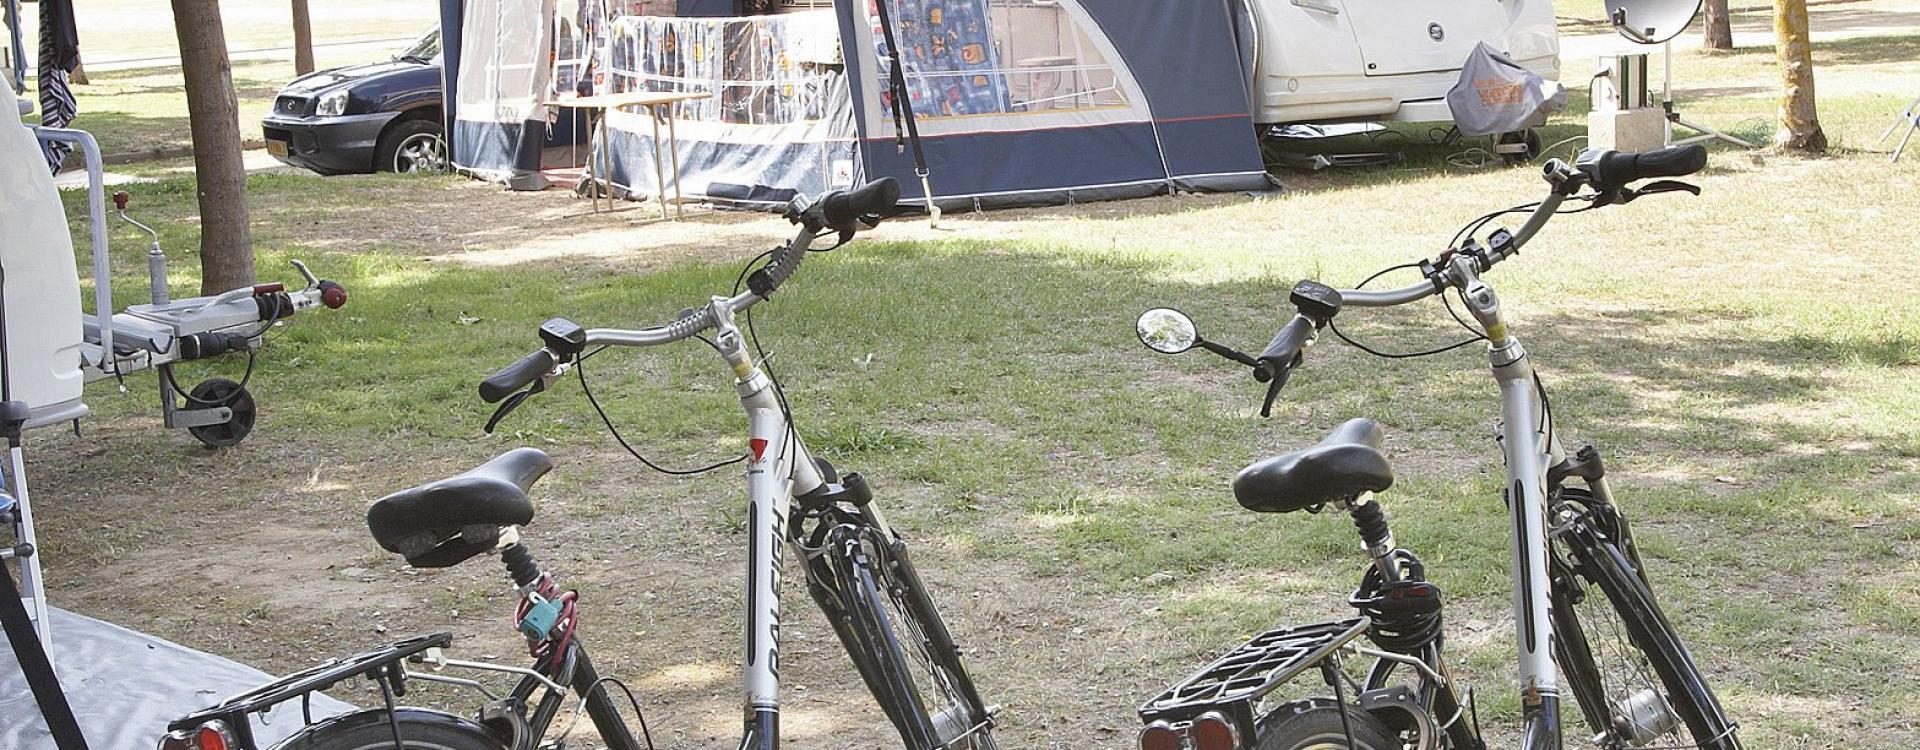 Vélos de camping